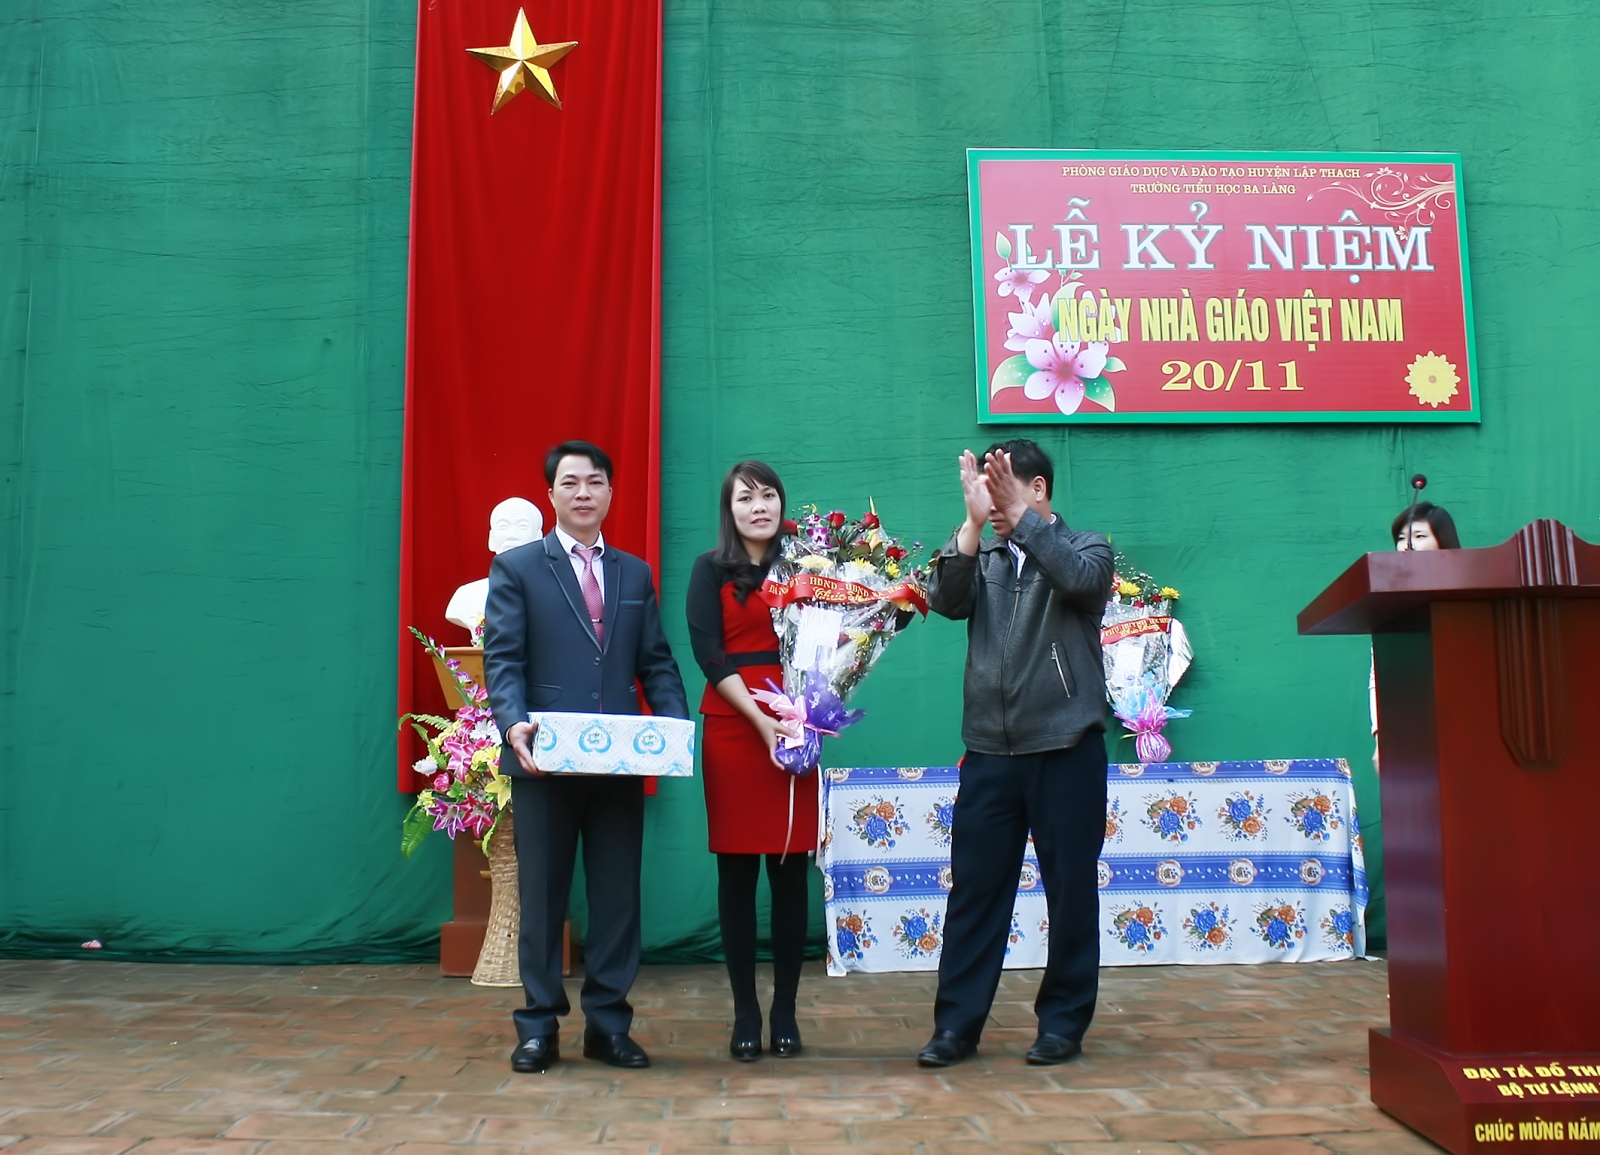 Một số hình ảnh đẹp trong Lễ Kỉ niệm Ngày Nhà giáo Việt Nam 20/11